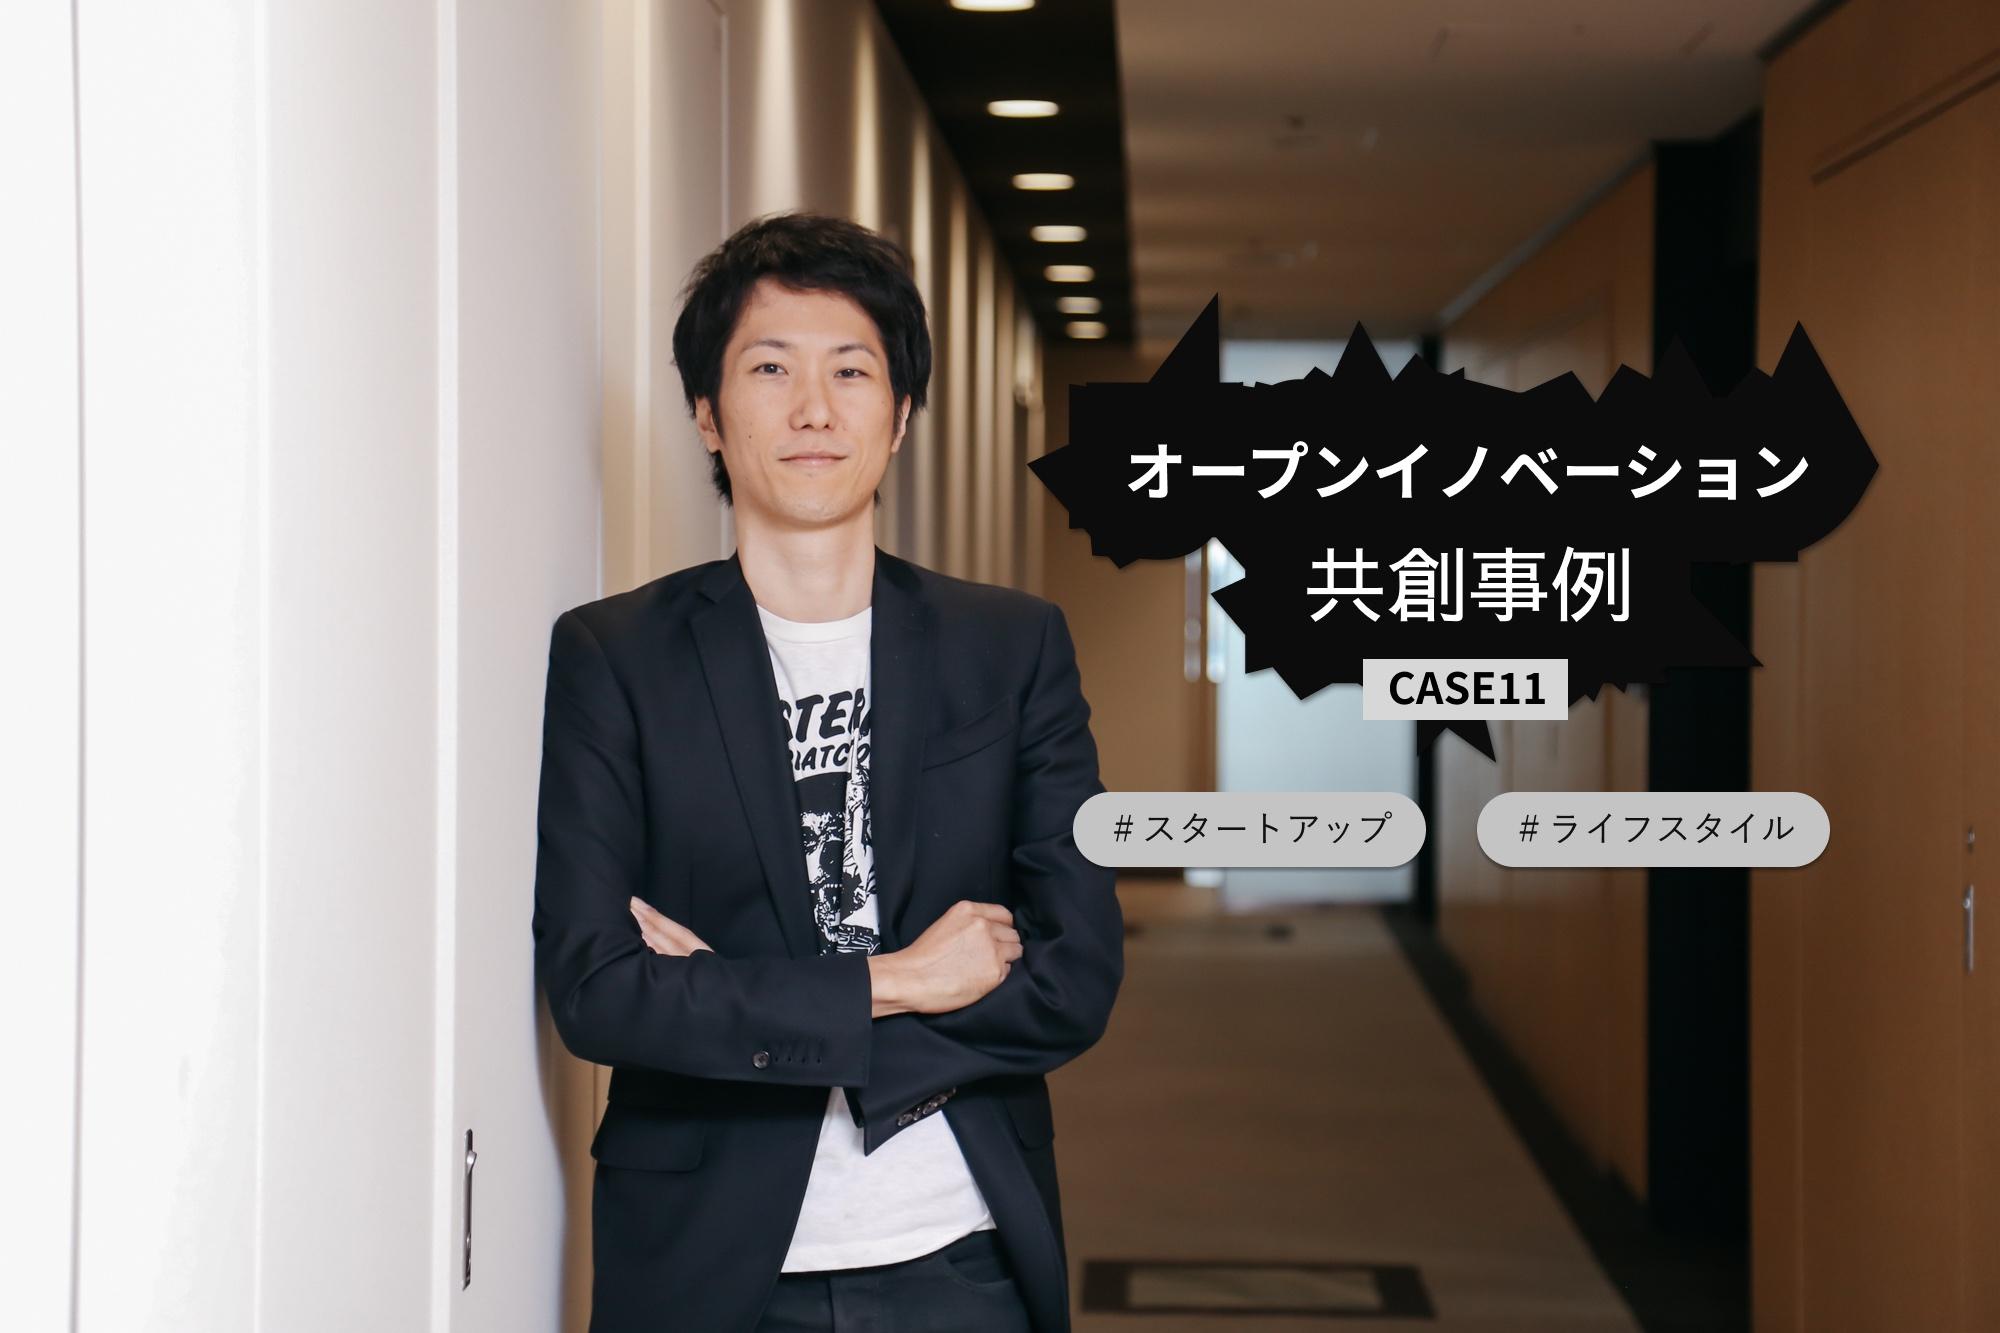 わずか1年で2社との共創を実現!ケーキ販売のゲームチェンジャー「Cake.jp」に聞く、eiicon活用の極意